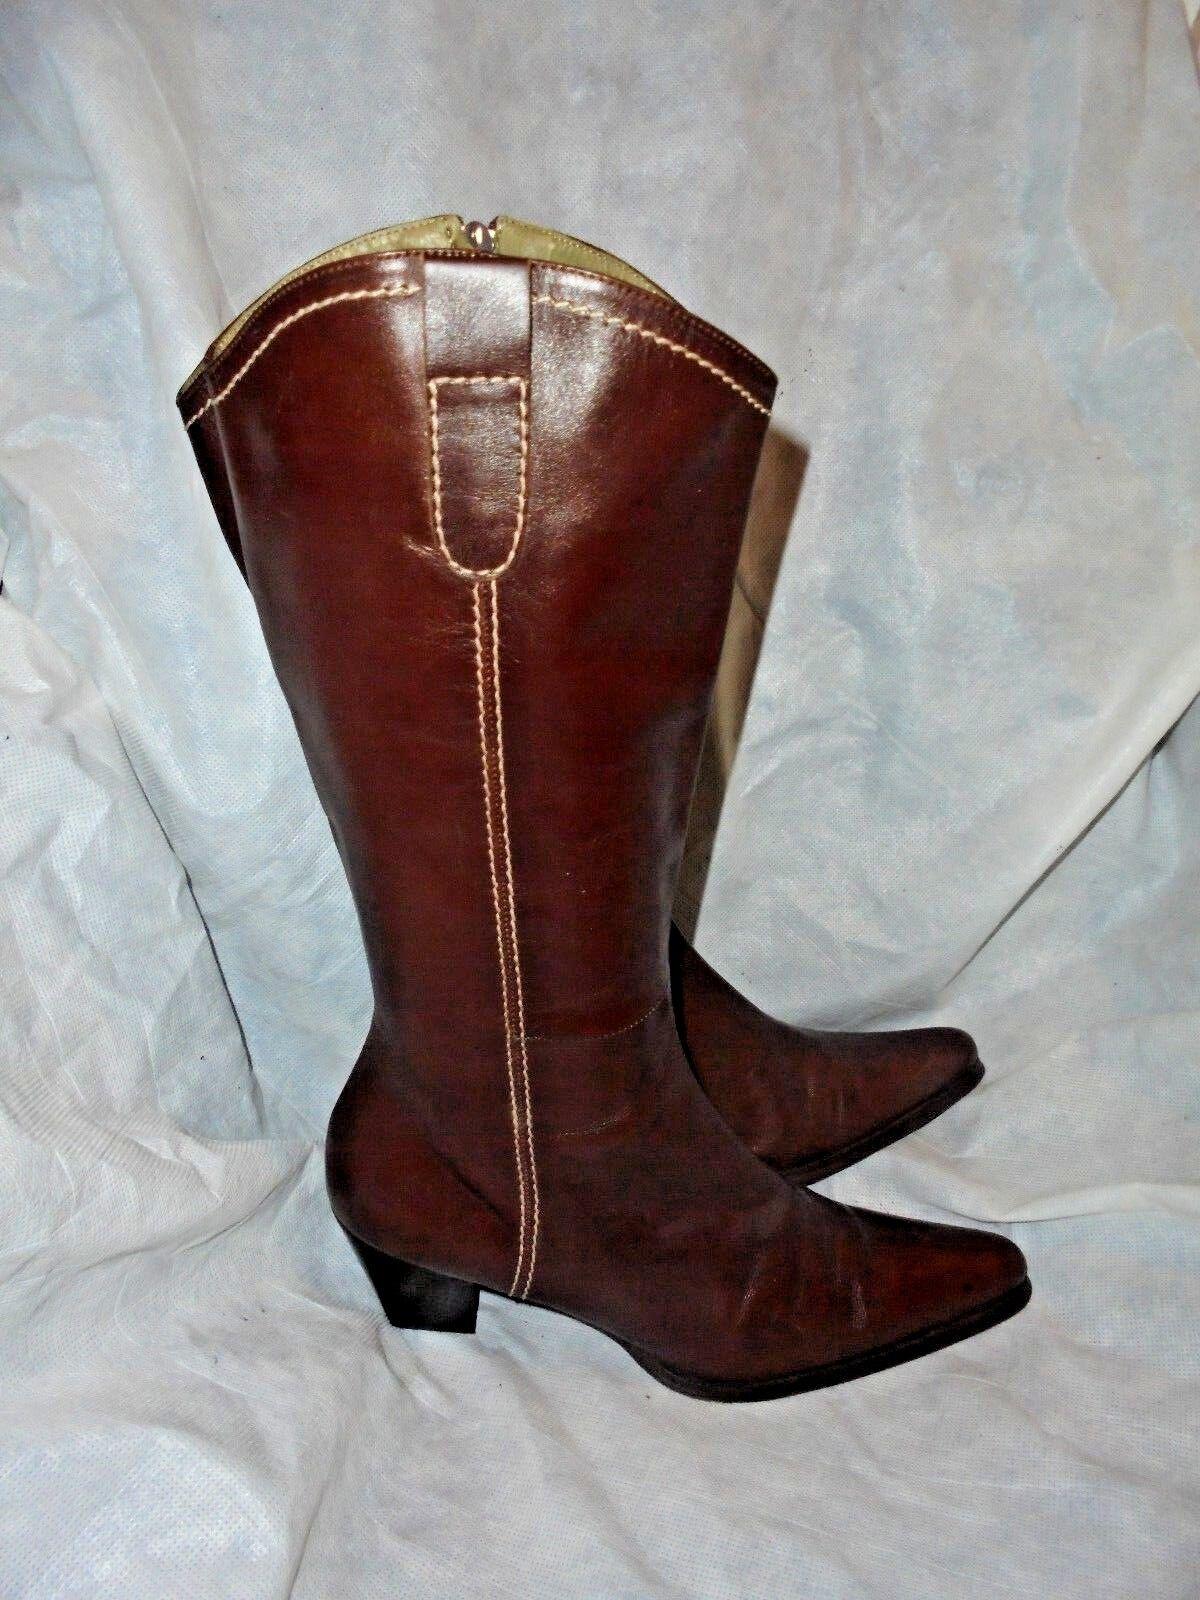 PLUMERS Damas Marrón Cuero Bota Cremallera Knee High Bota Cuero tamaño 7 EU 40 en muy buena condición 5c4229